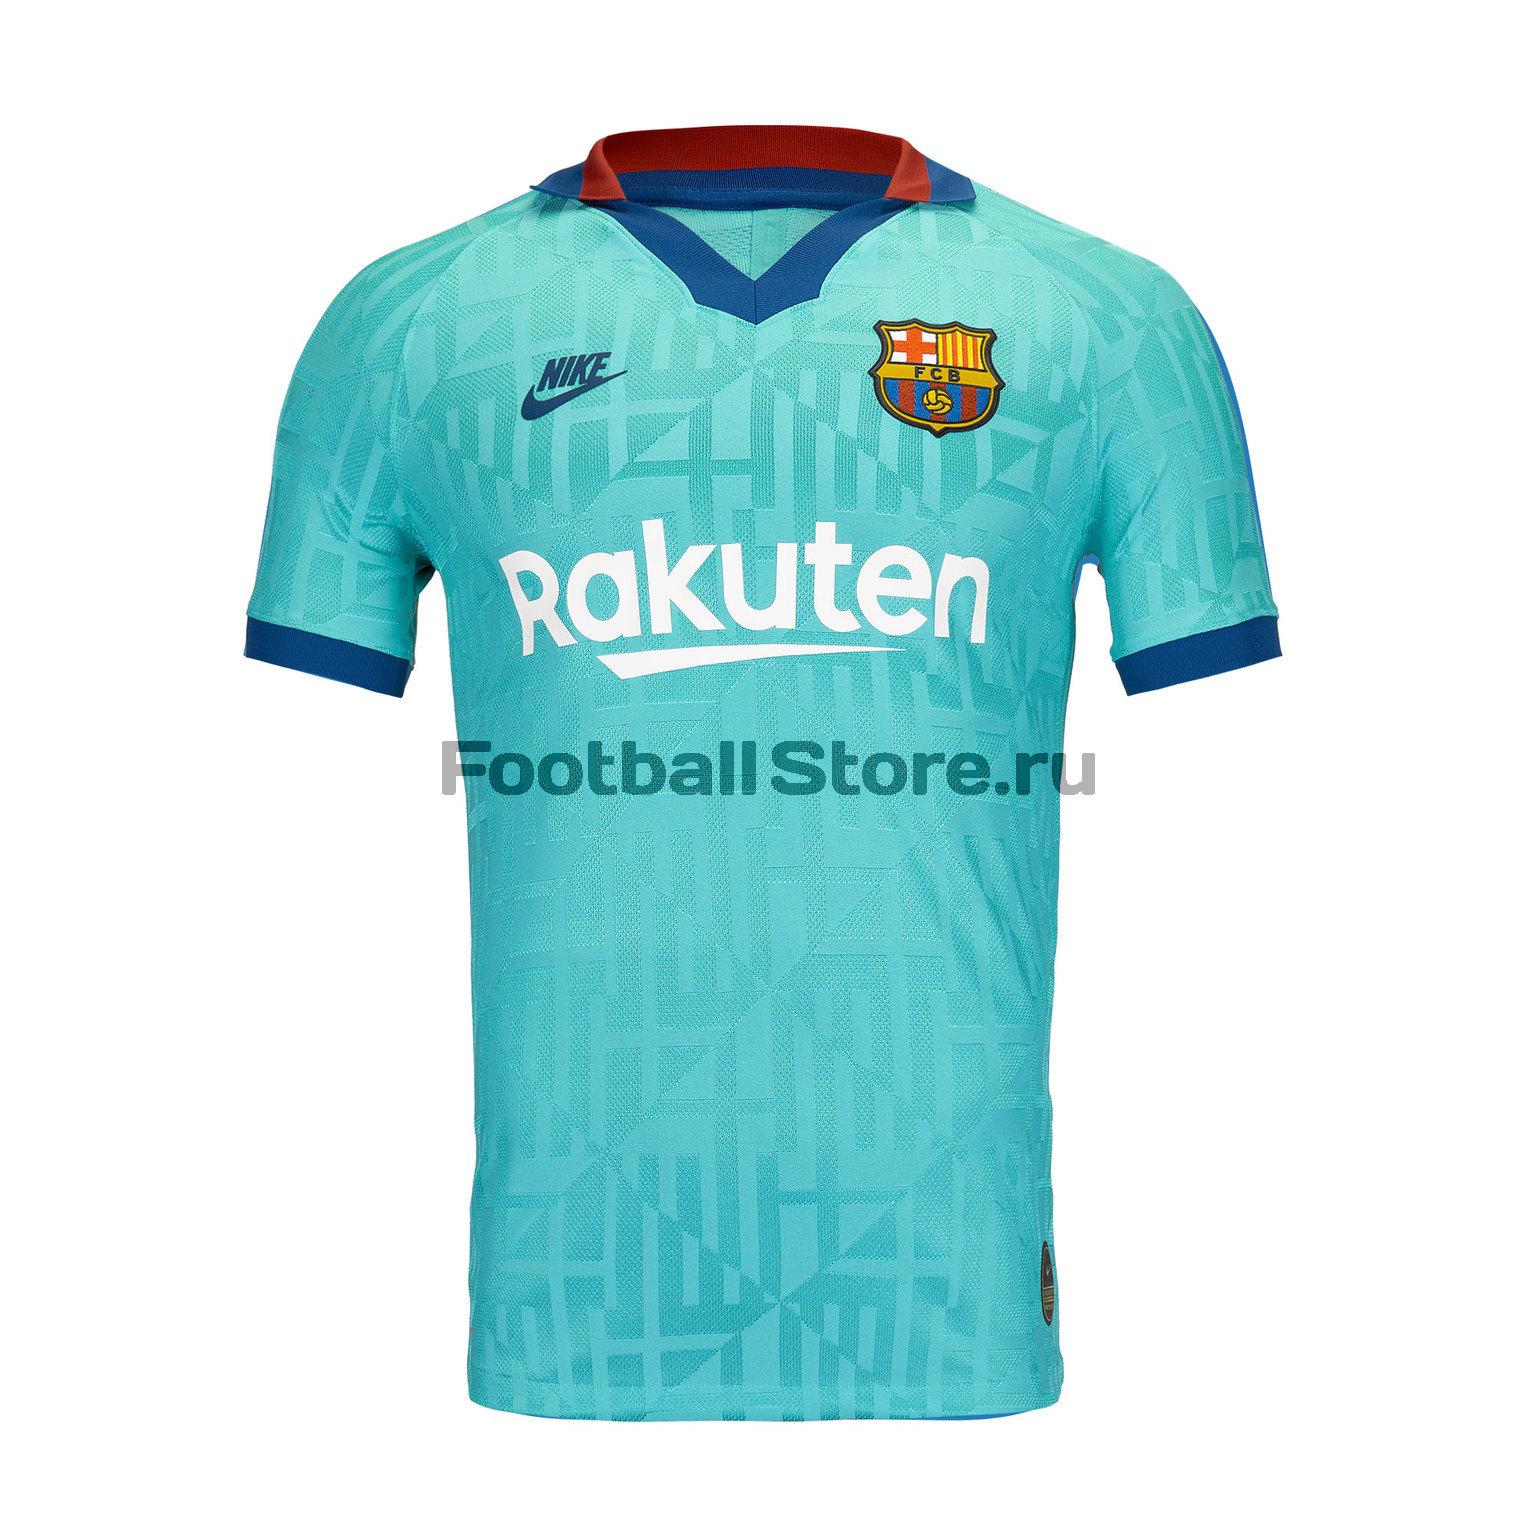 Оригинальная резервная футболка Nike Barcelona 2019/20